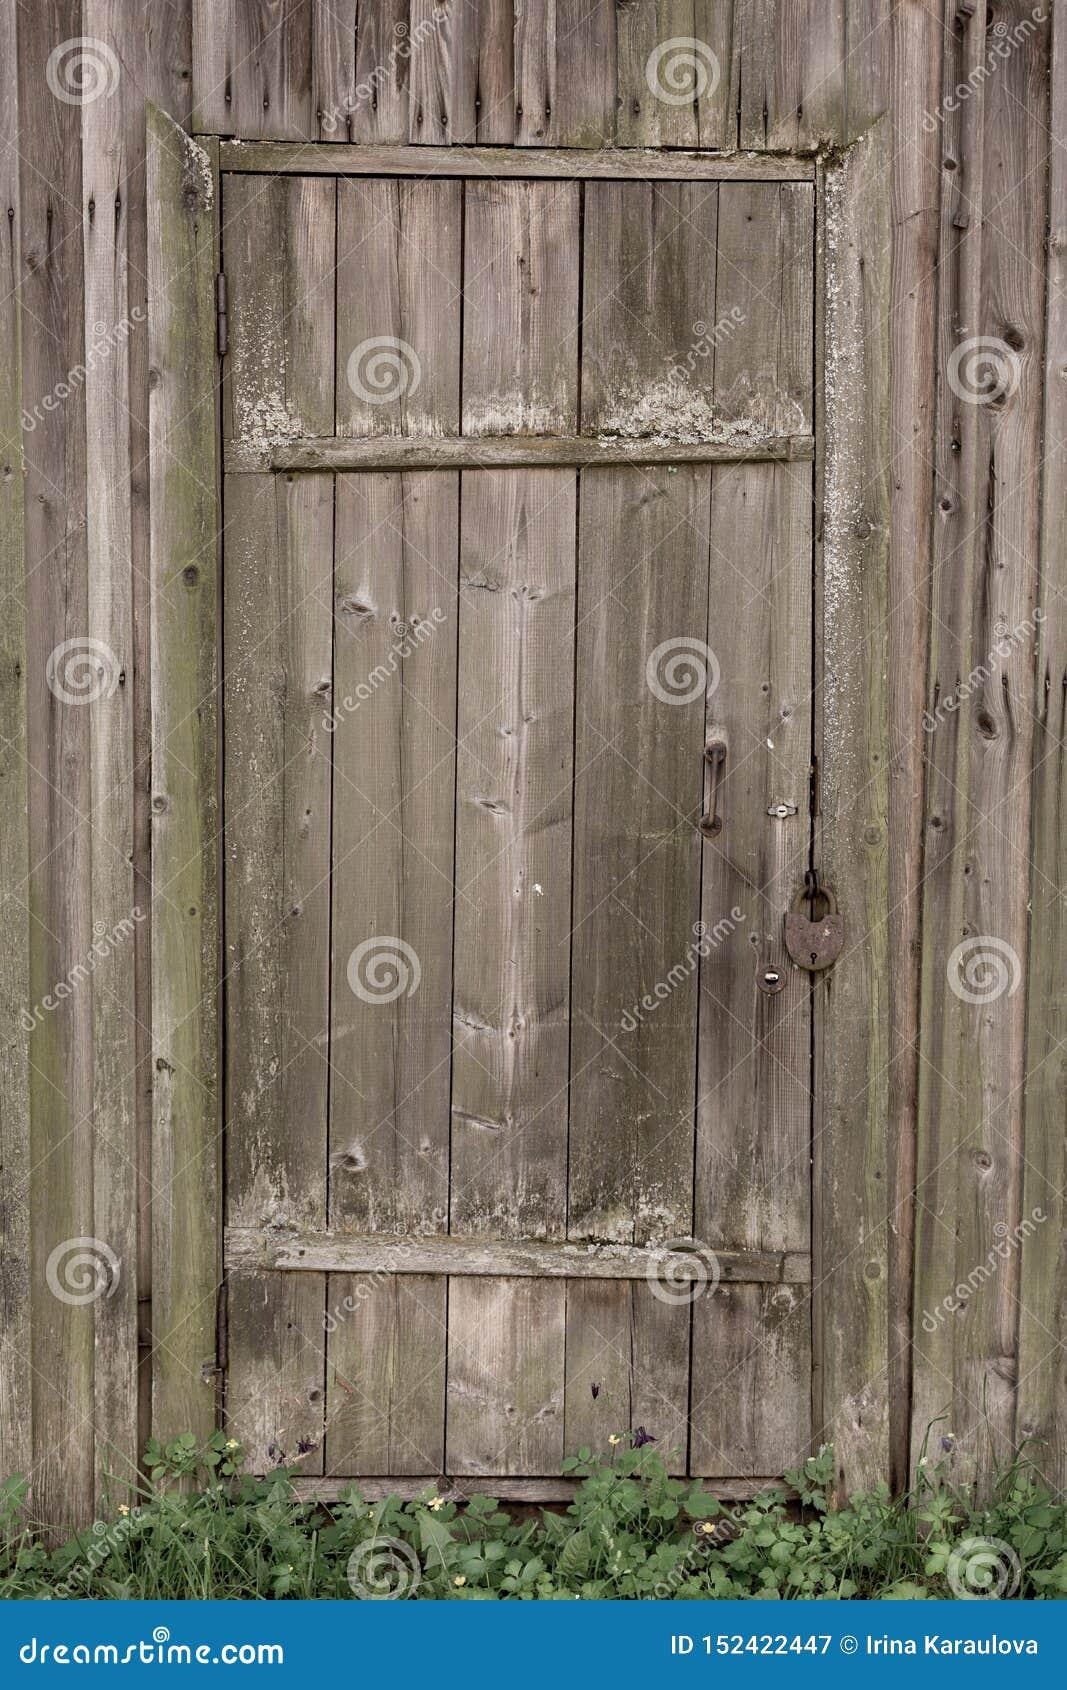 Запертая деревянная дверь старого деревянного дома текстура древесины